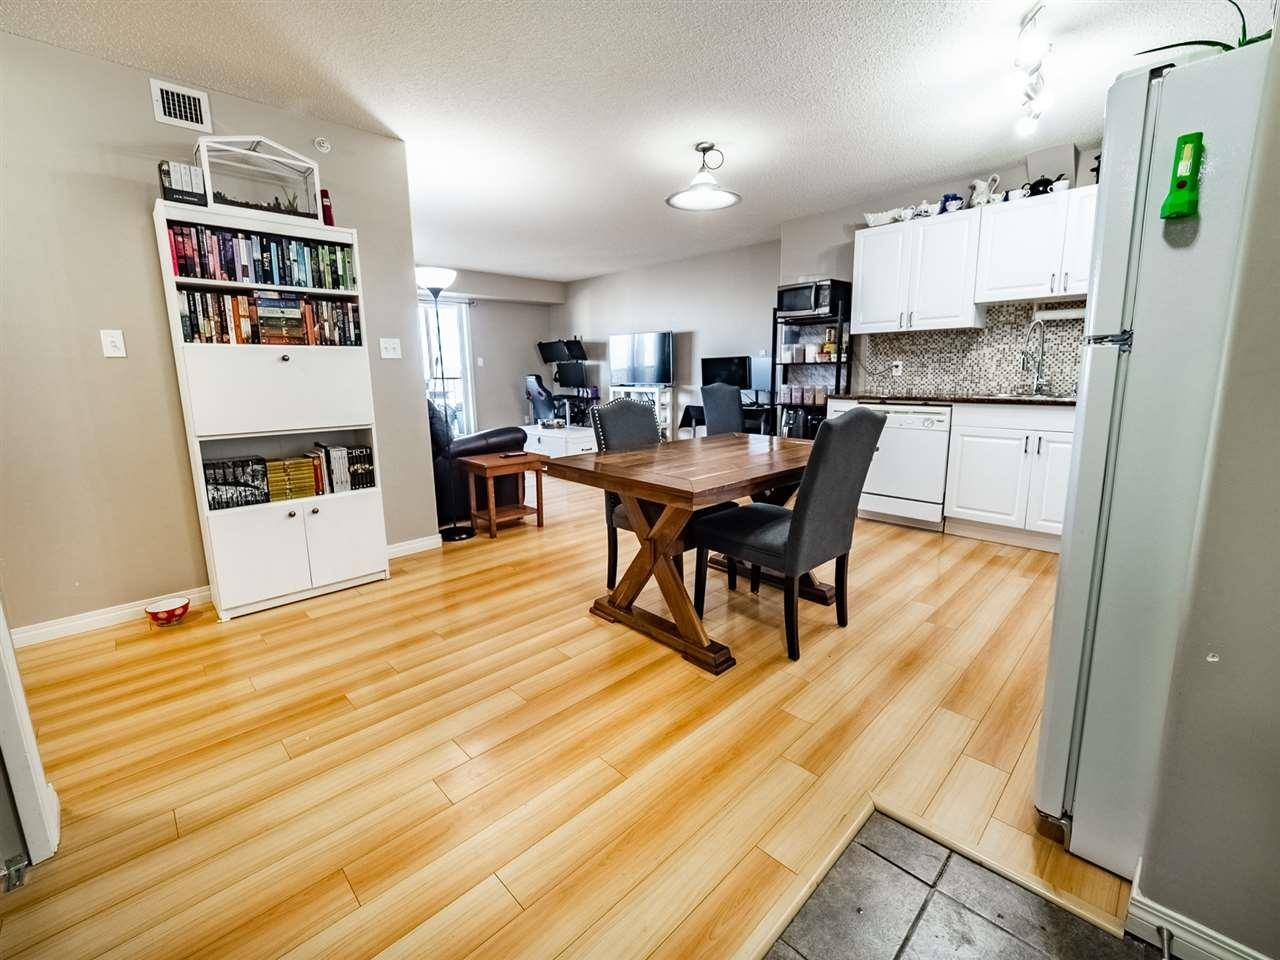 Condo for sale at 8117 114 Ave Nw Unit 403 Edmonton Alberta - MLS: E4193658